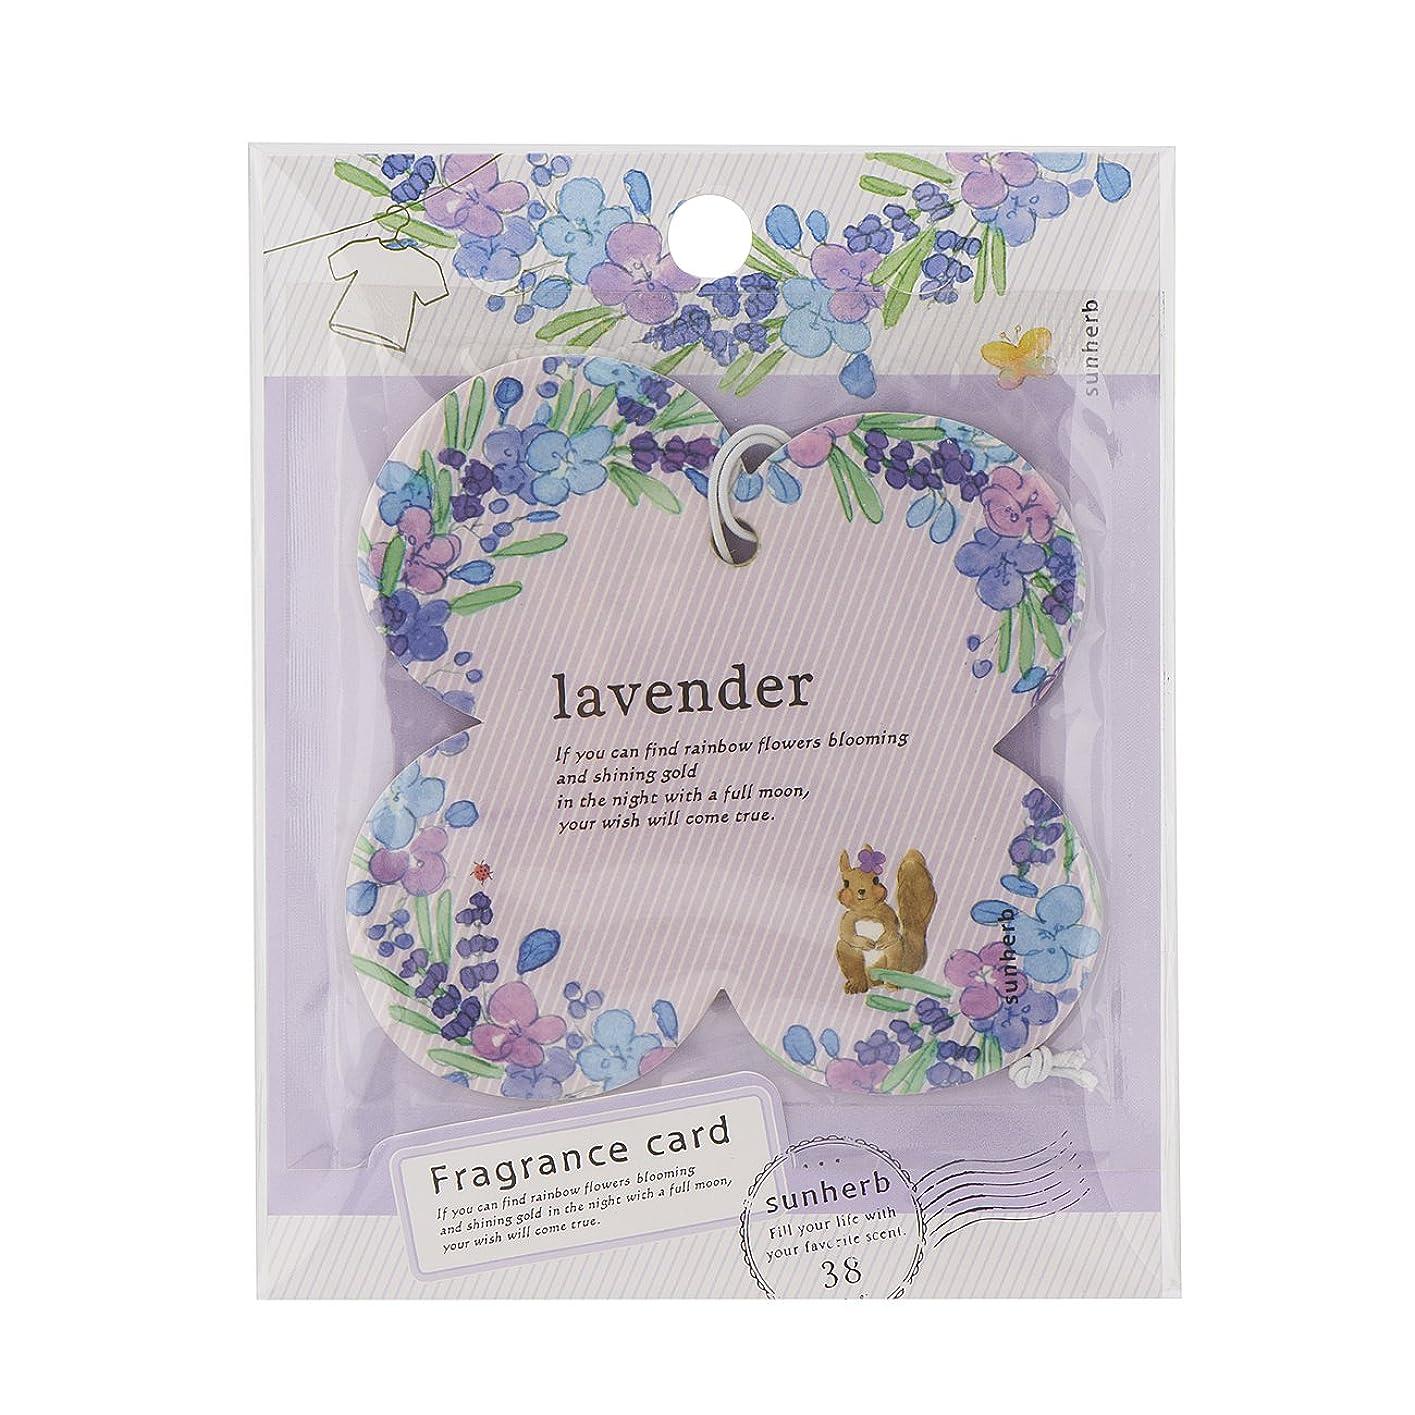 これら特定のパレードサンハーブ フレグランスカード ラベンダー(芳香剤 エアフレッシュナー ふわっと爽やかなラベンダーの香り)